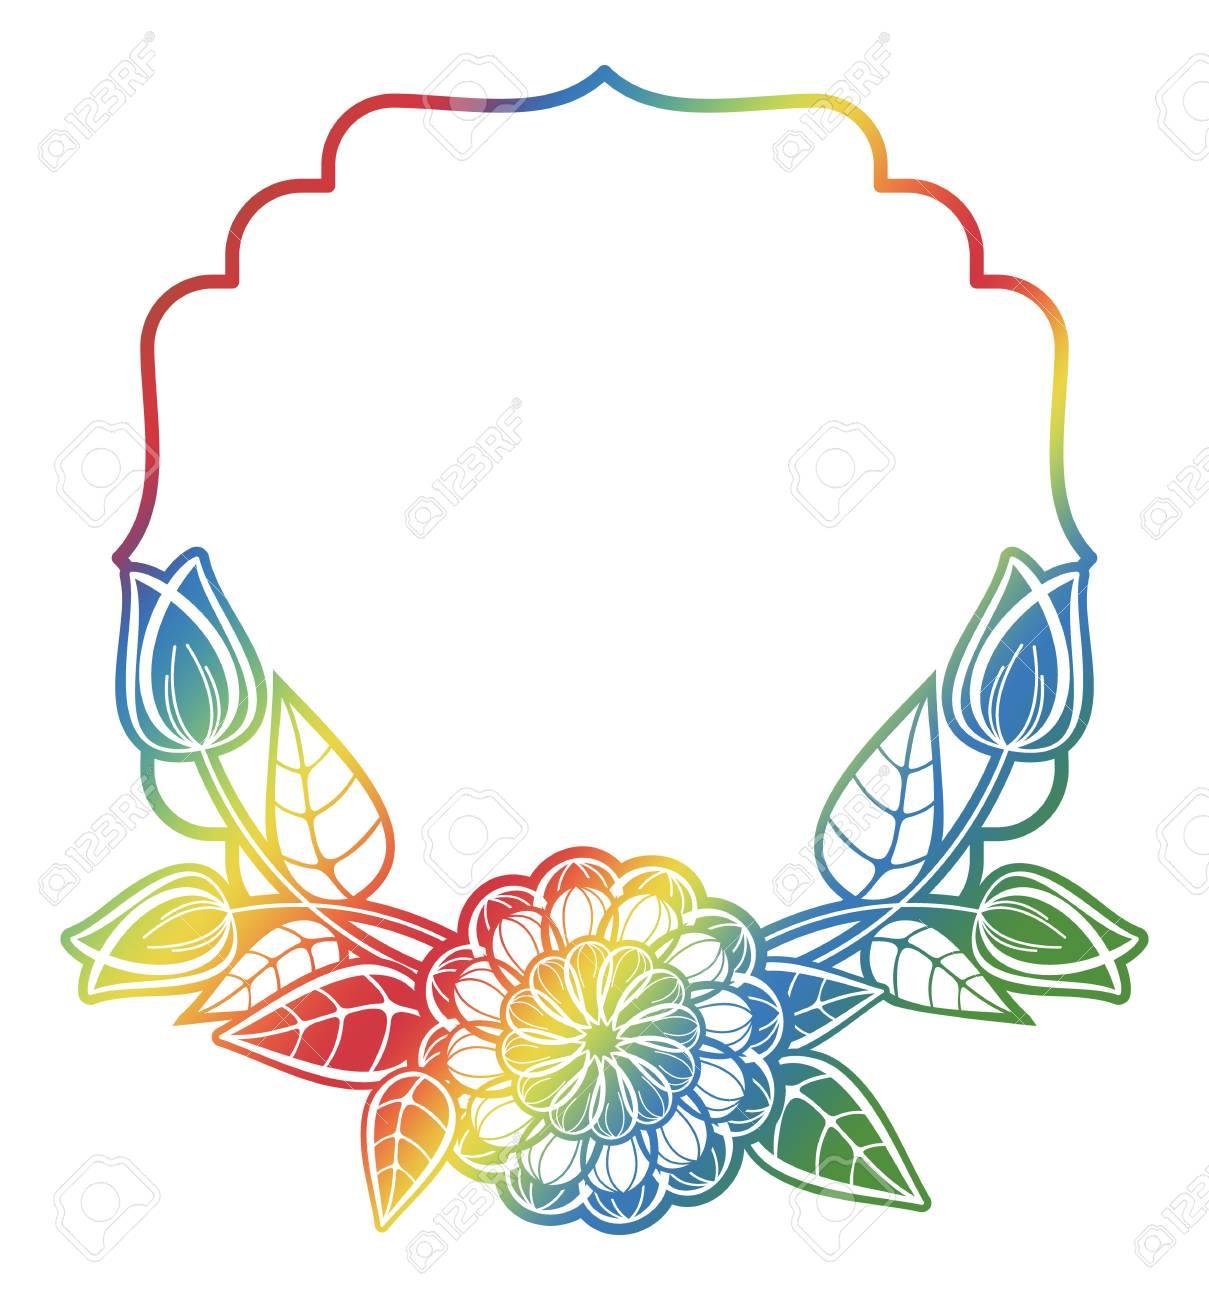 Schöne Blumen Etikett Mit Verlaufsfüllung. Farbe Silhouette Rahmen ...